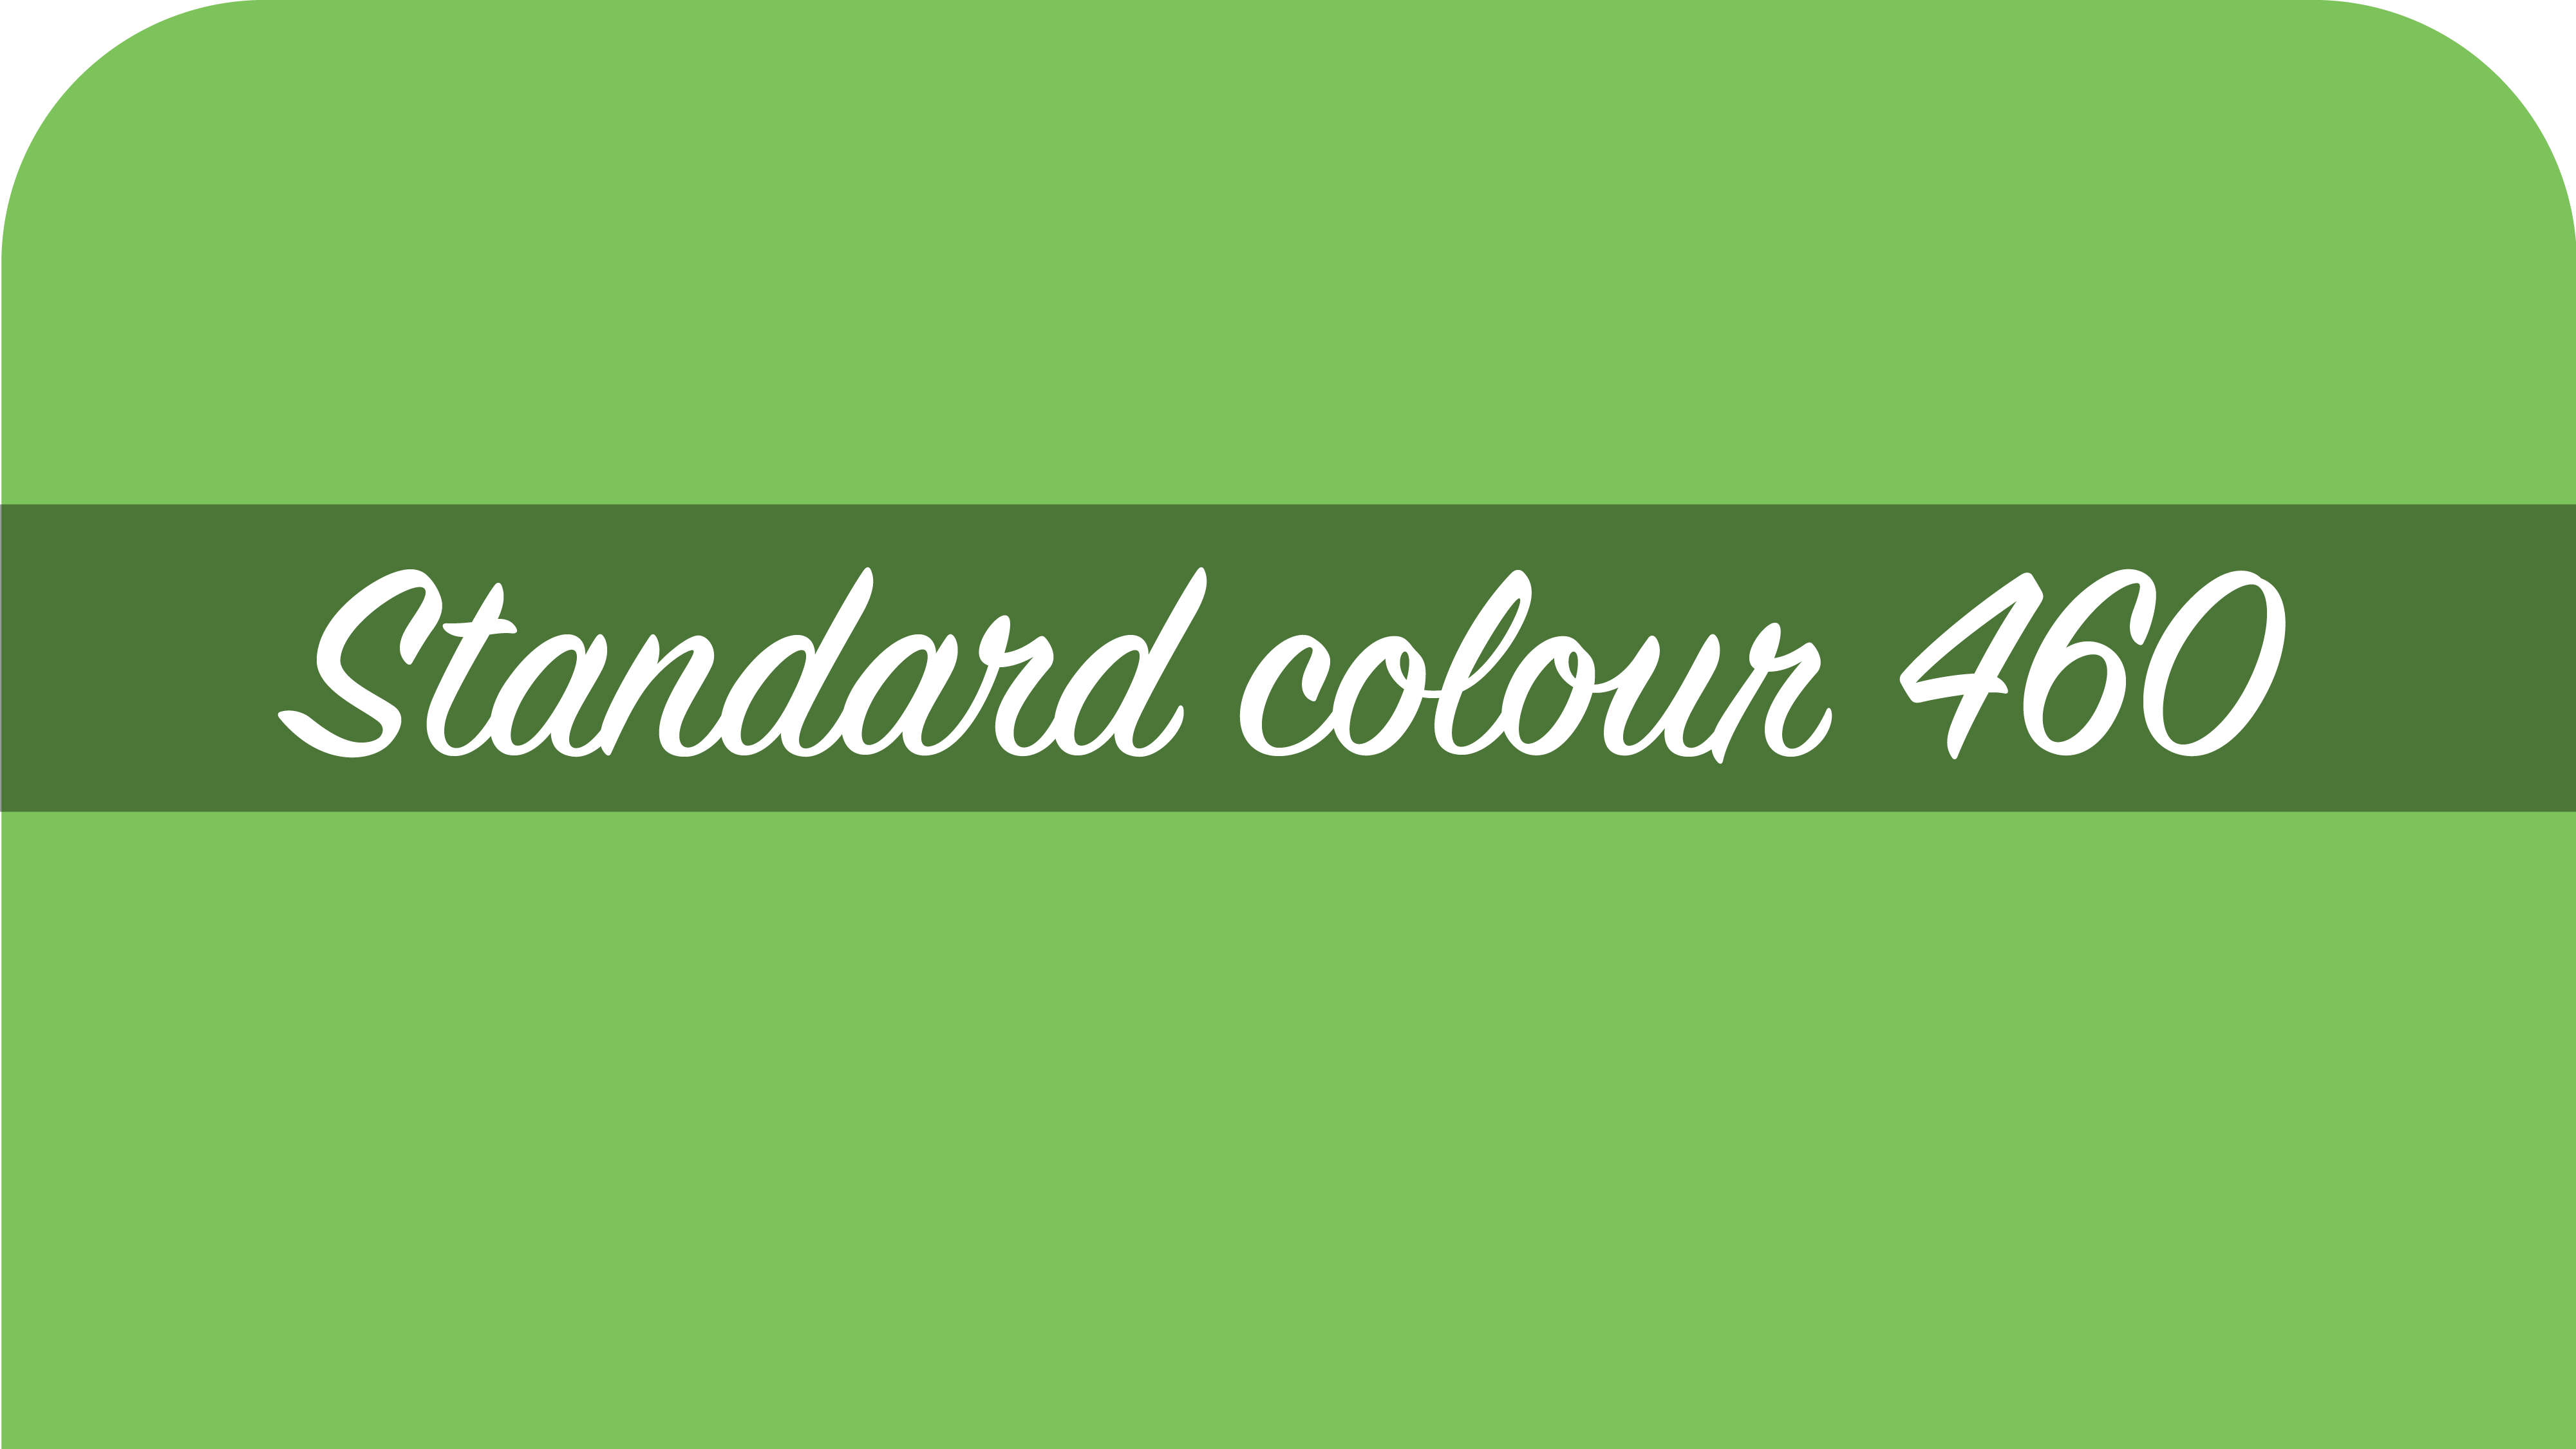 standard-colour-460